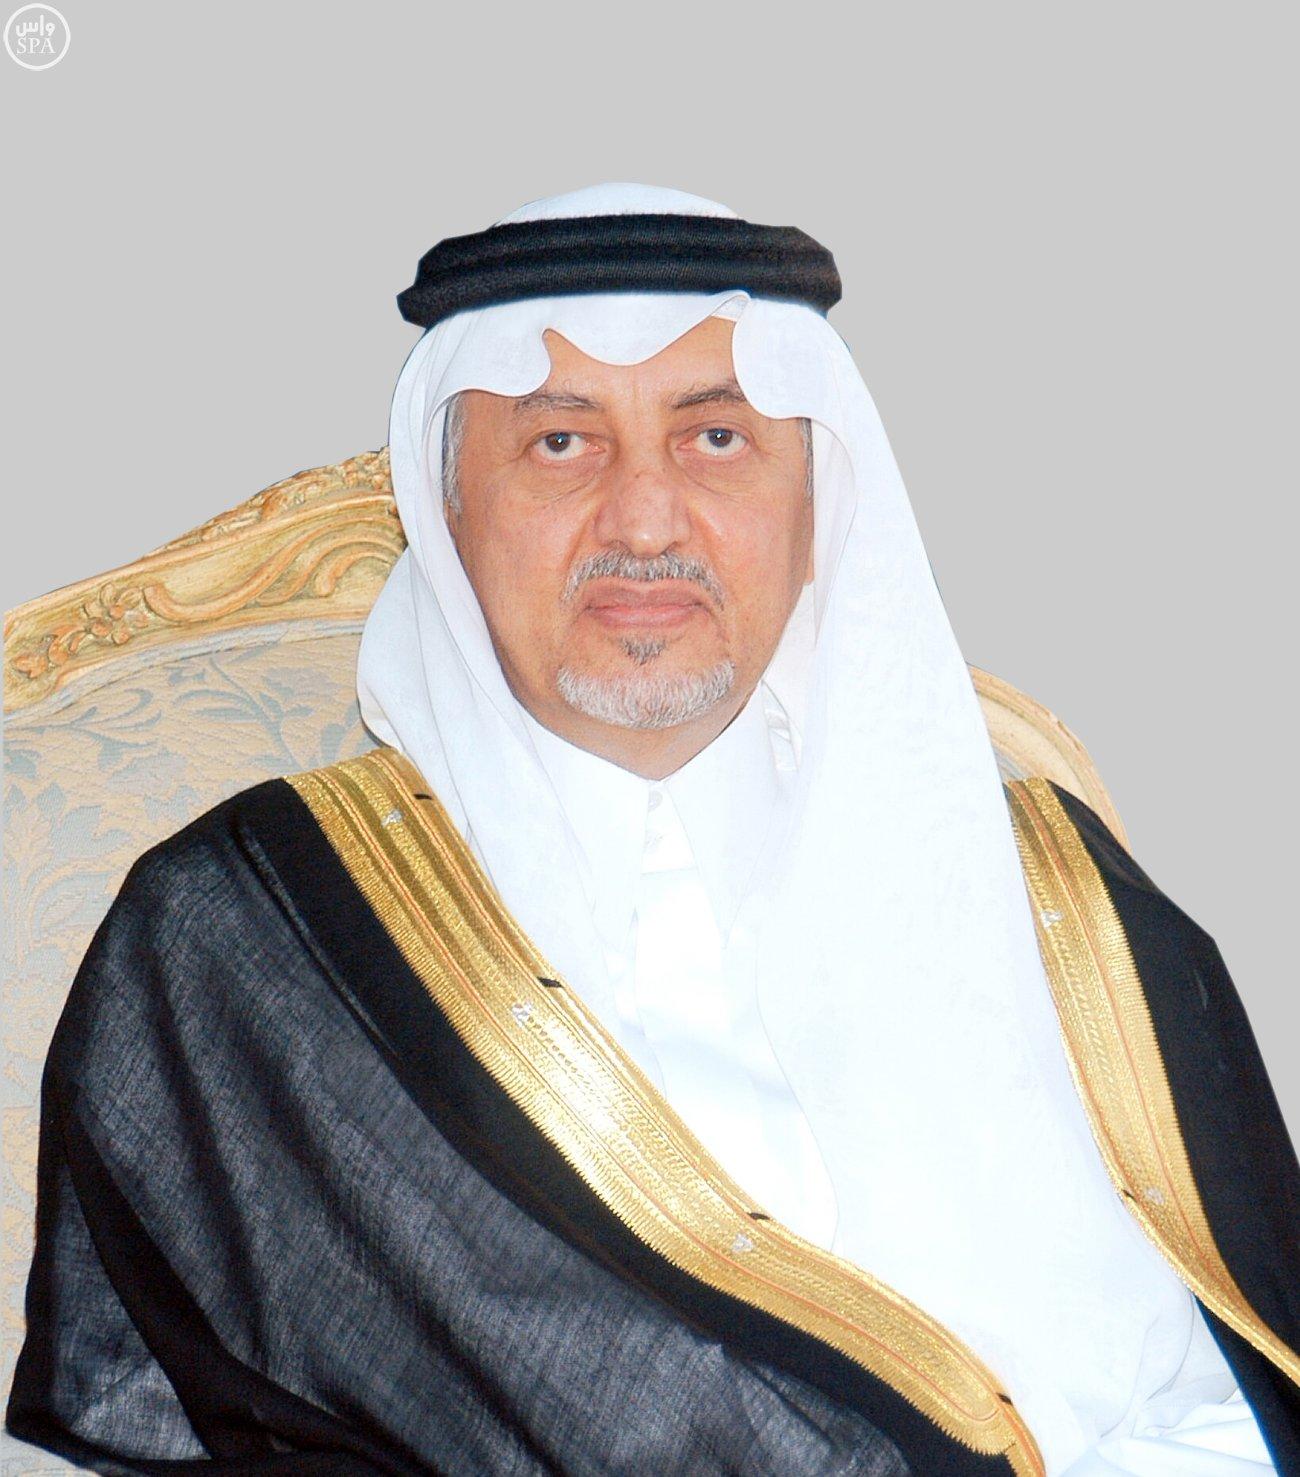 الأمير خالد الفيصل يوجه بتشكيل لجنة للوقوف على أسباب توقف العمل في طريق ( مكة - جدة ) الموازي لطريق الحرمين